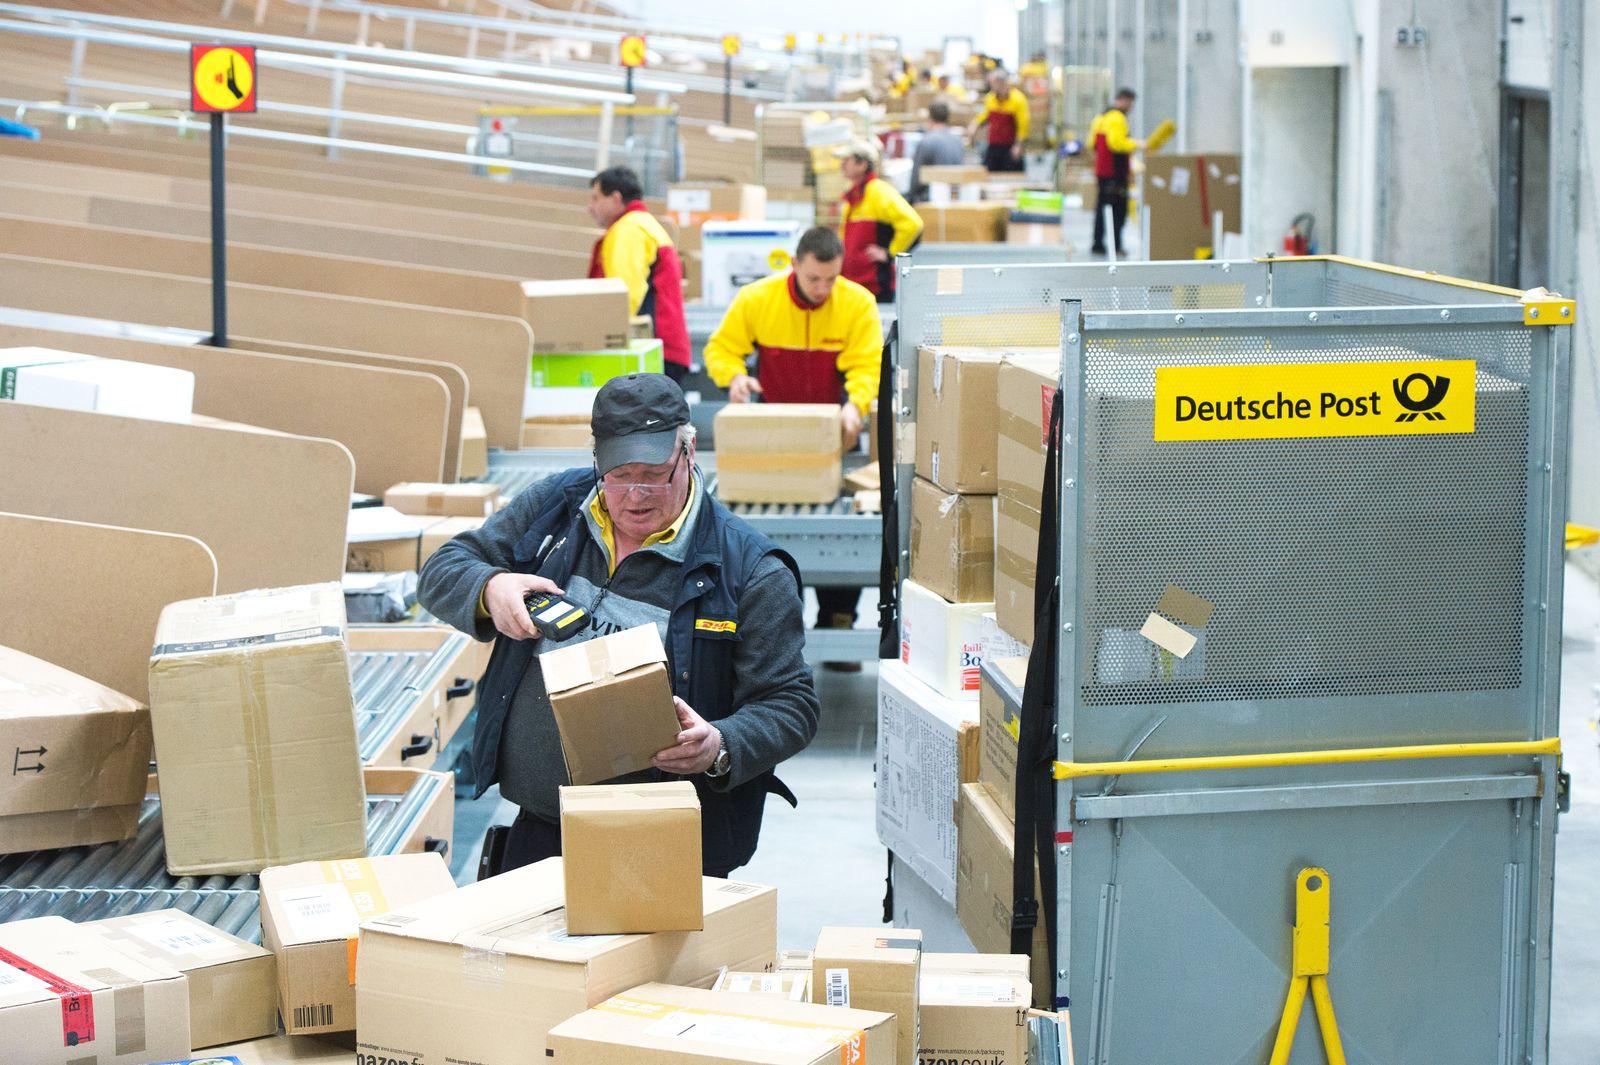 Post / DHL / Mitarbeiter